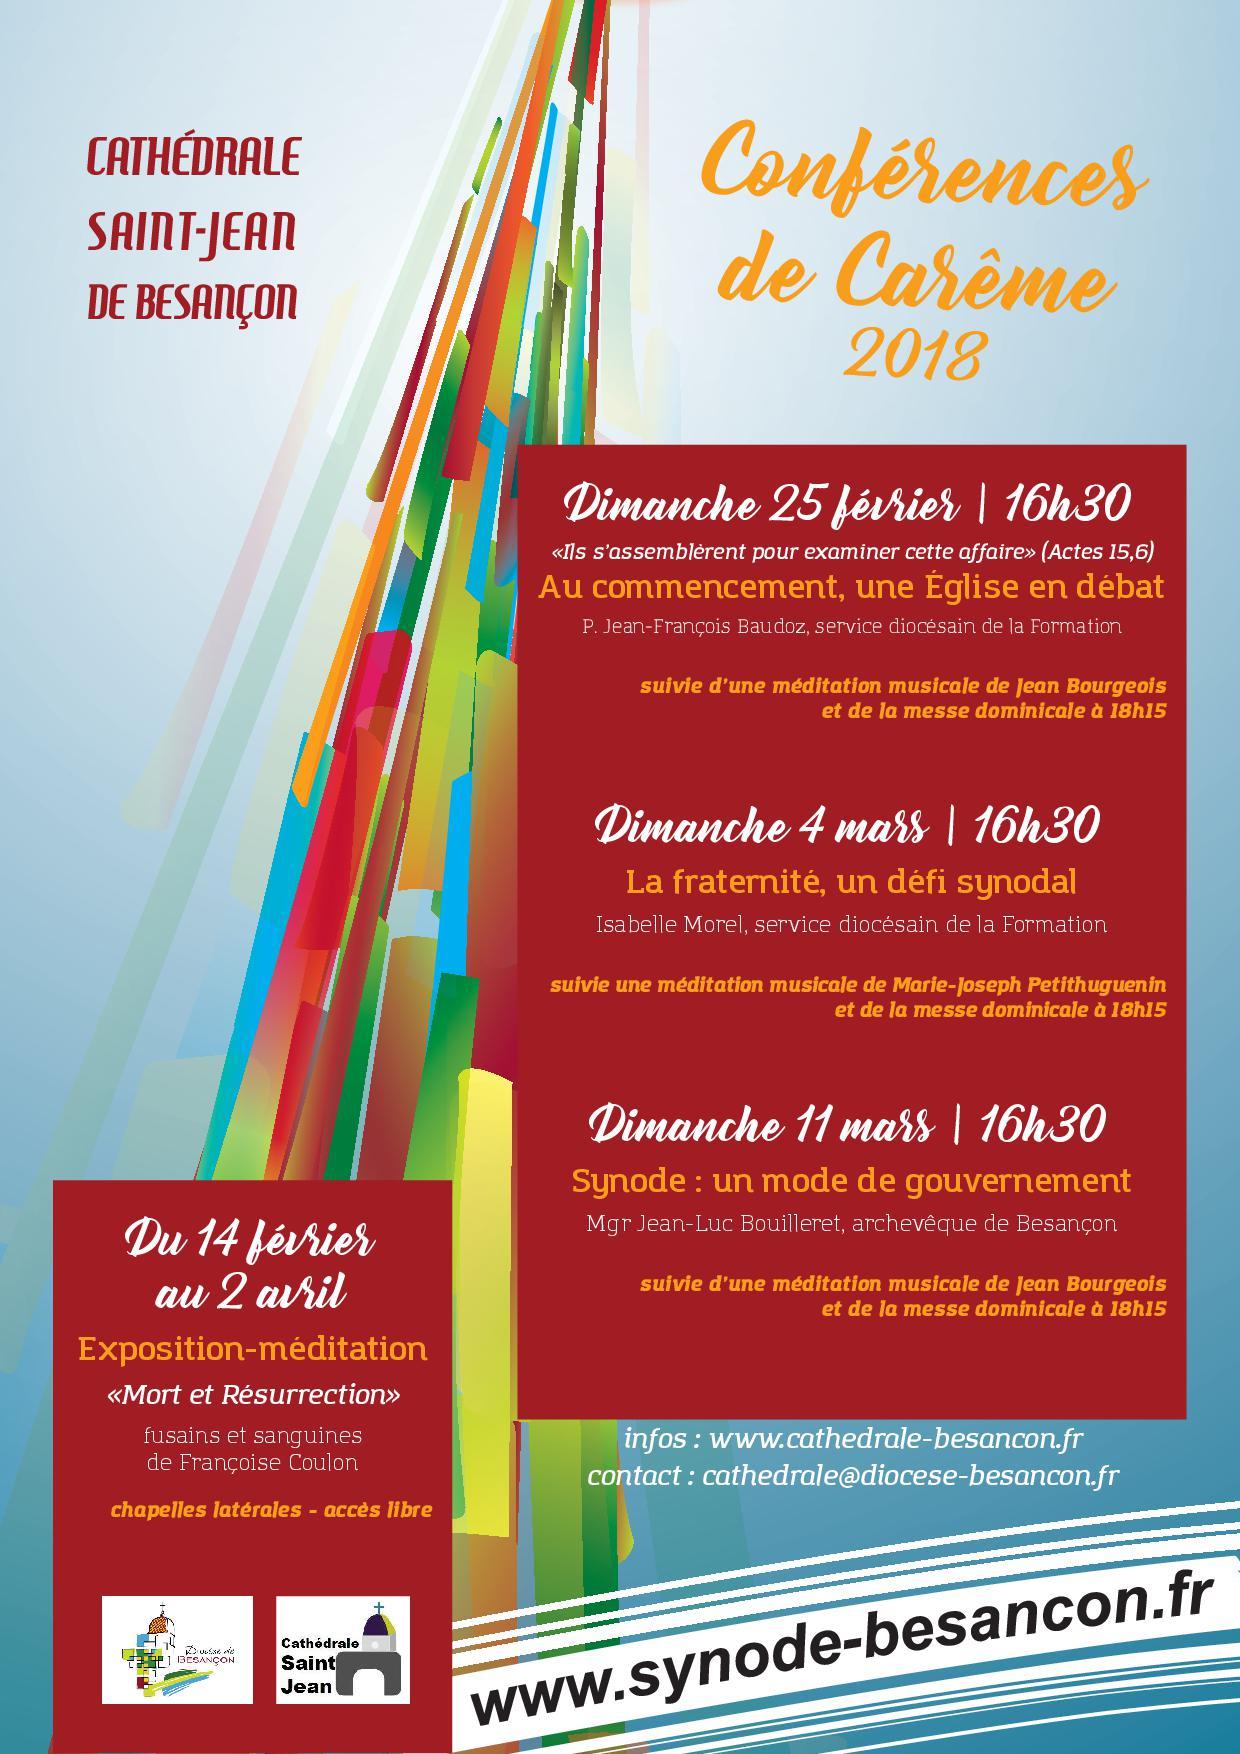 Conférences de carême à Besançon (25) les 25 février, 4 et 11 mars 2018